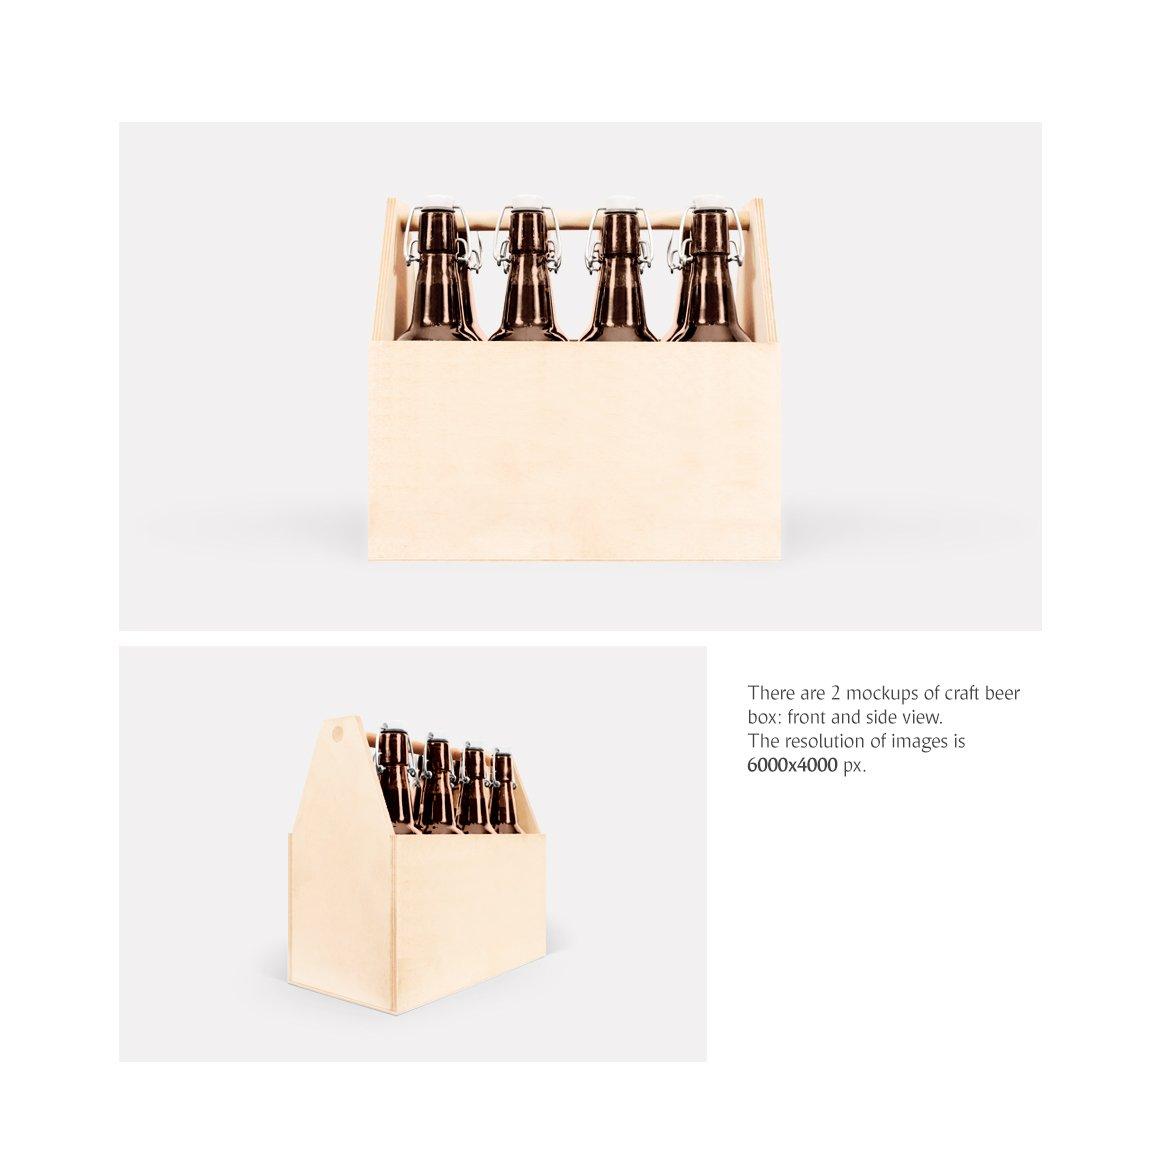 工艺啤酒包装盒设计展示样机模板 Craft Beer Box Mockup插图(1)